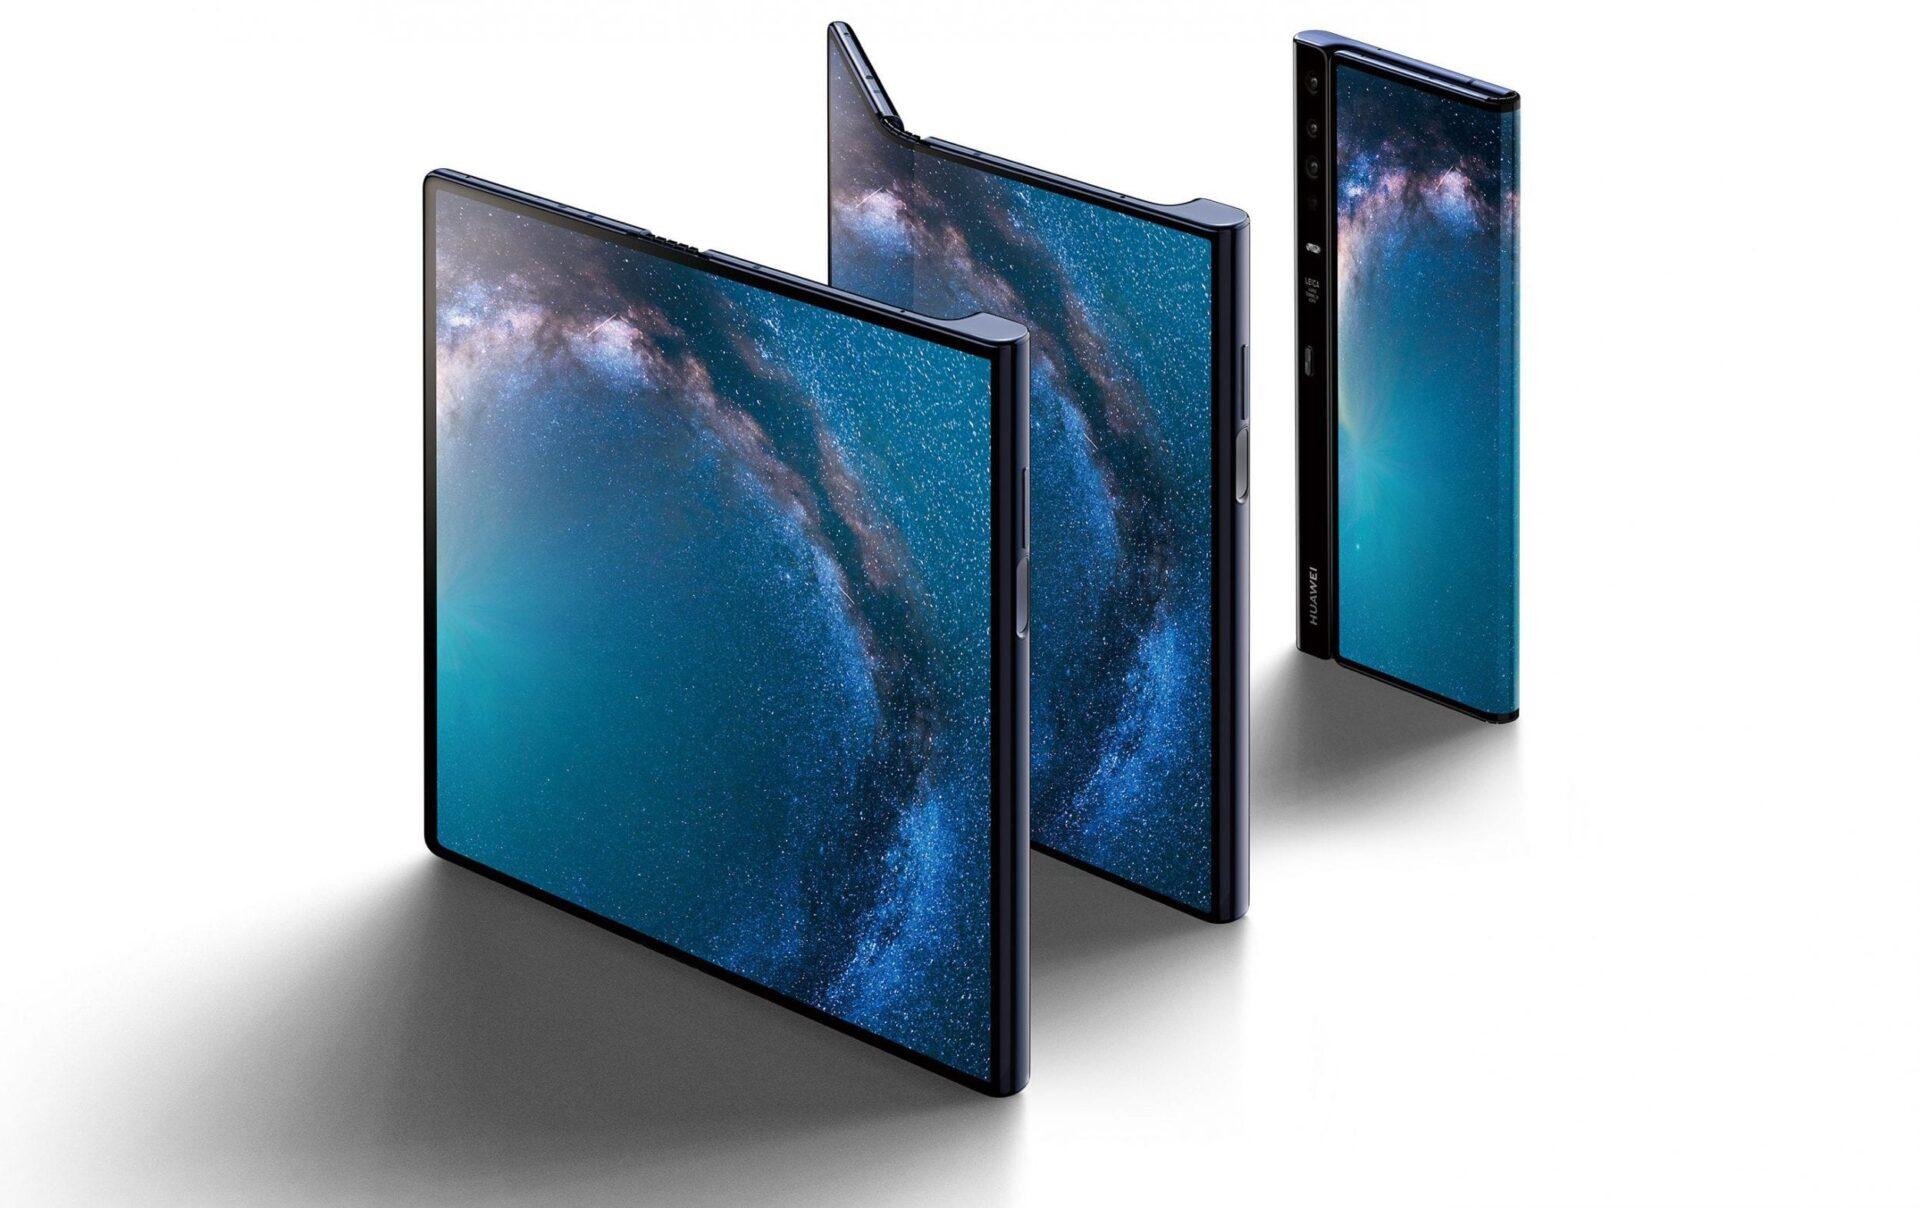 Huawei Mate X: riparare lo schermo potrebbe costarvi più di 900€